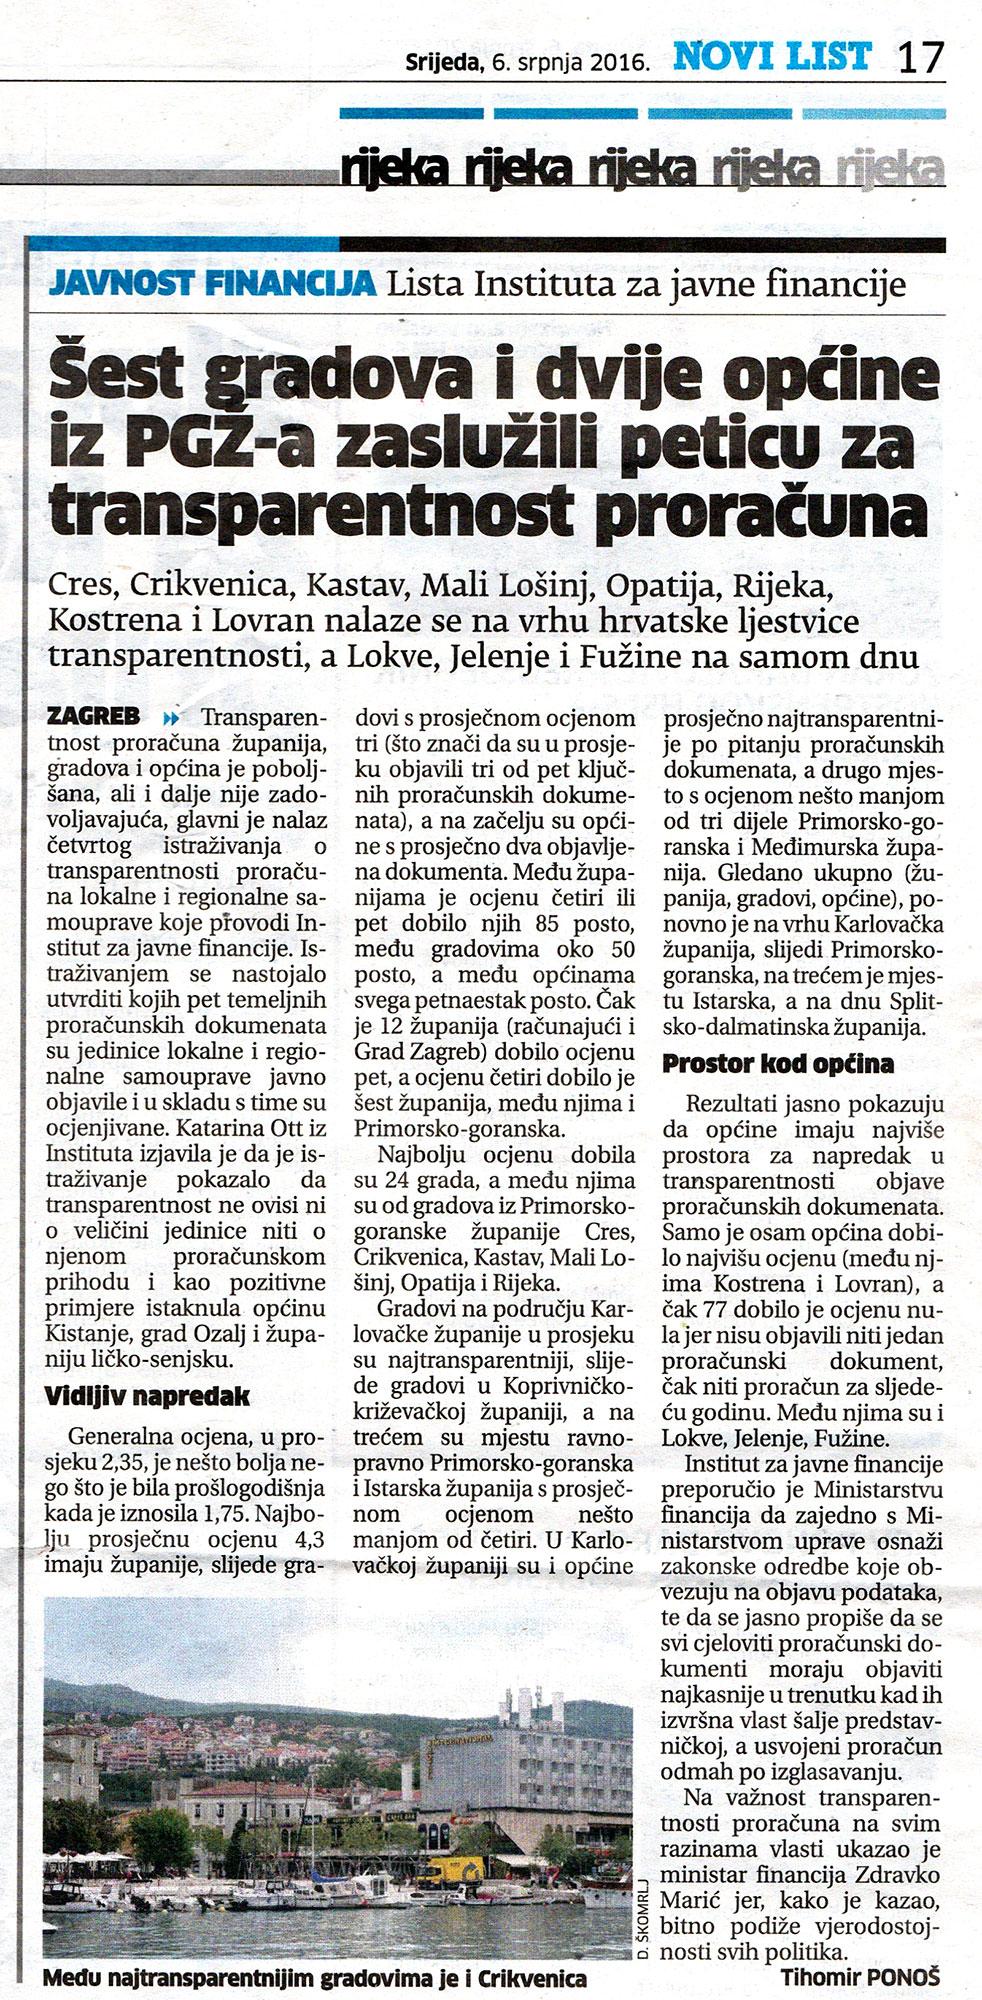 Općina Jelenje najnetransparentnija u Hrvatskoj